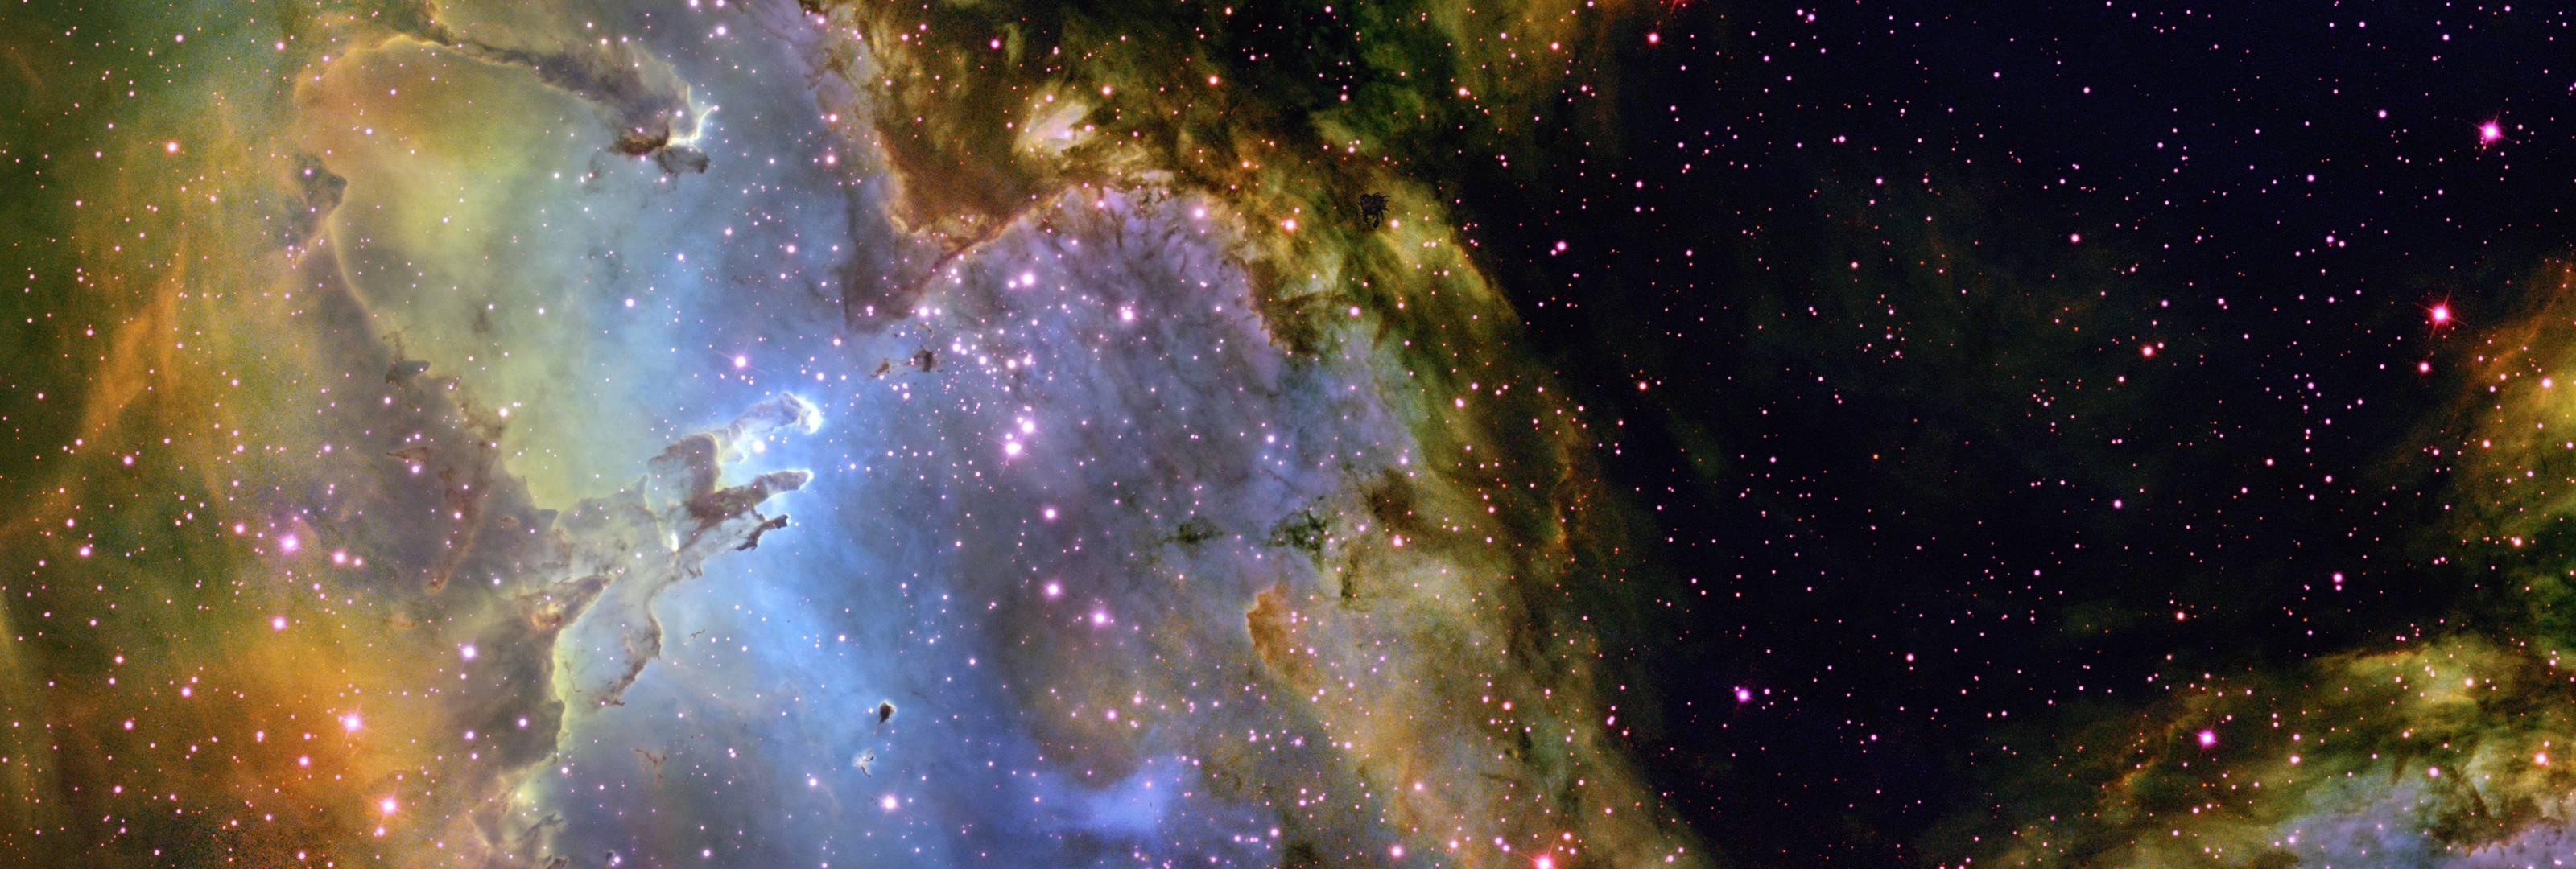 eagle nebula wallpaper - photo #3